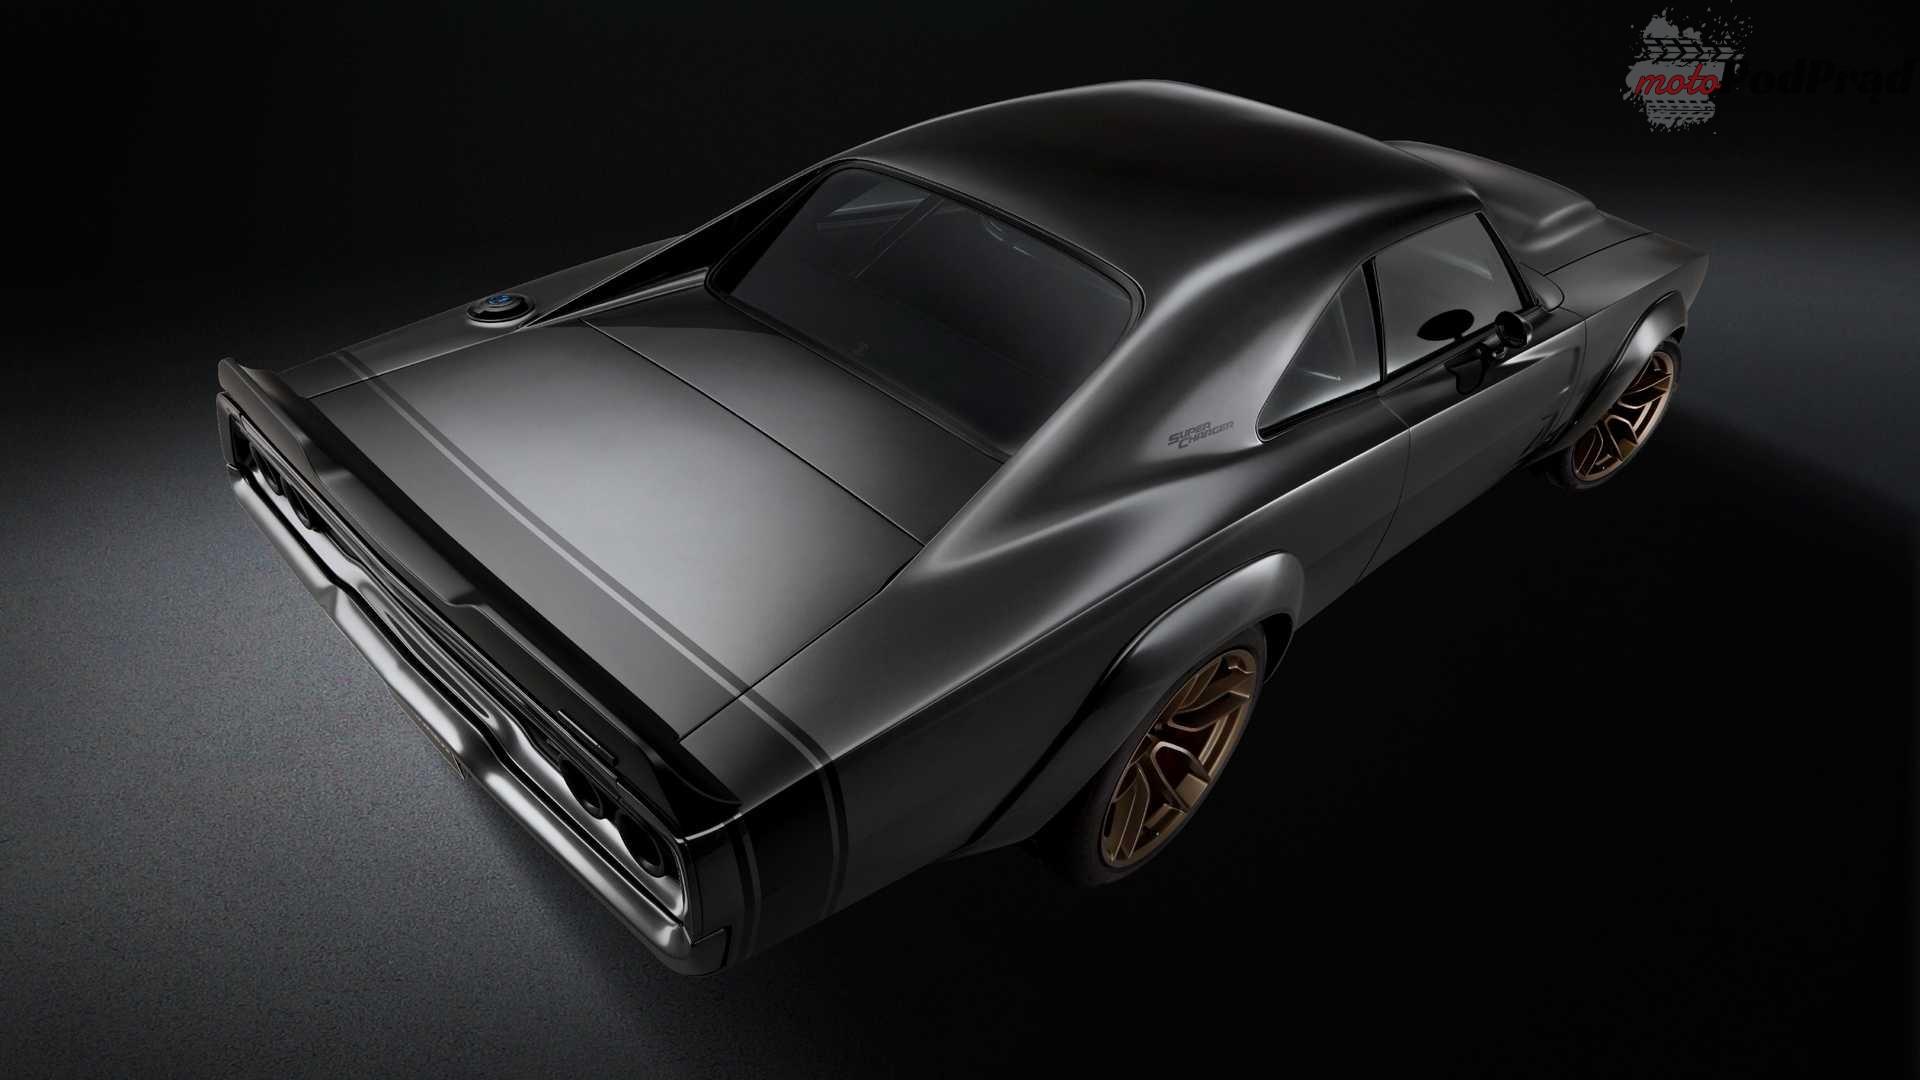 dodge super charger concept 1 1000 konny restomod Chargera to coś dla fanów muscle carów